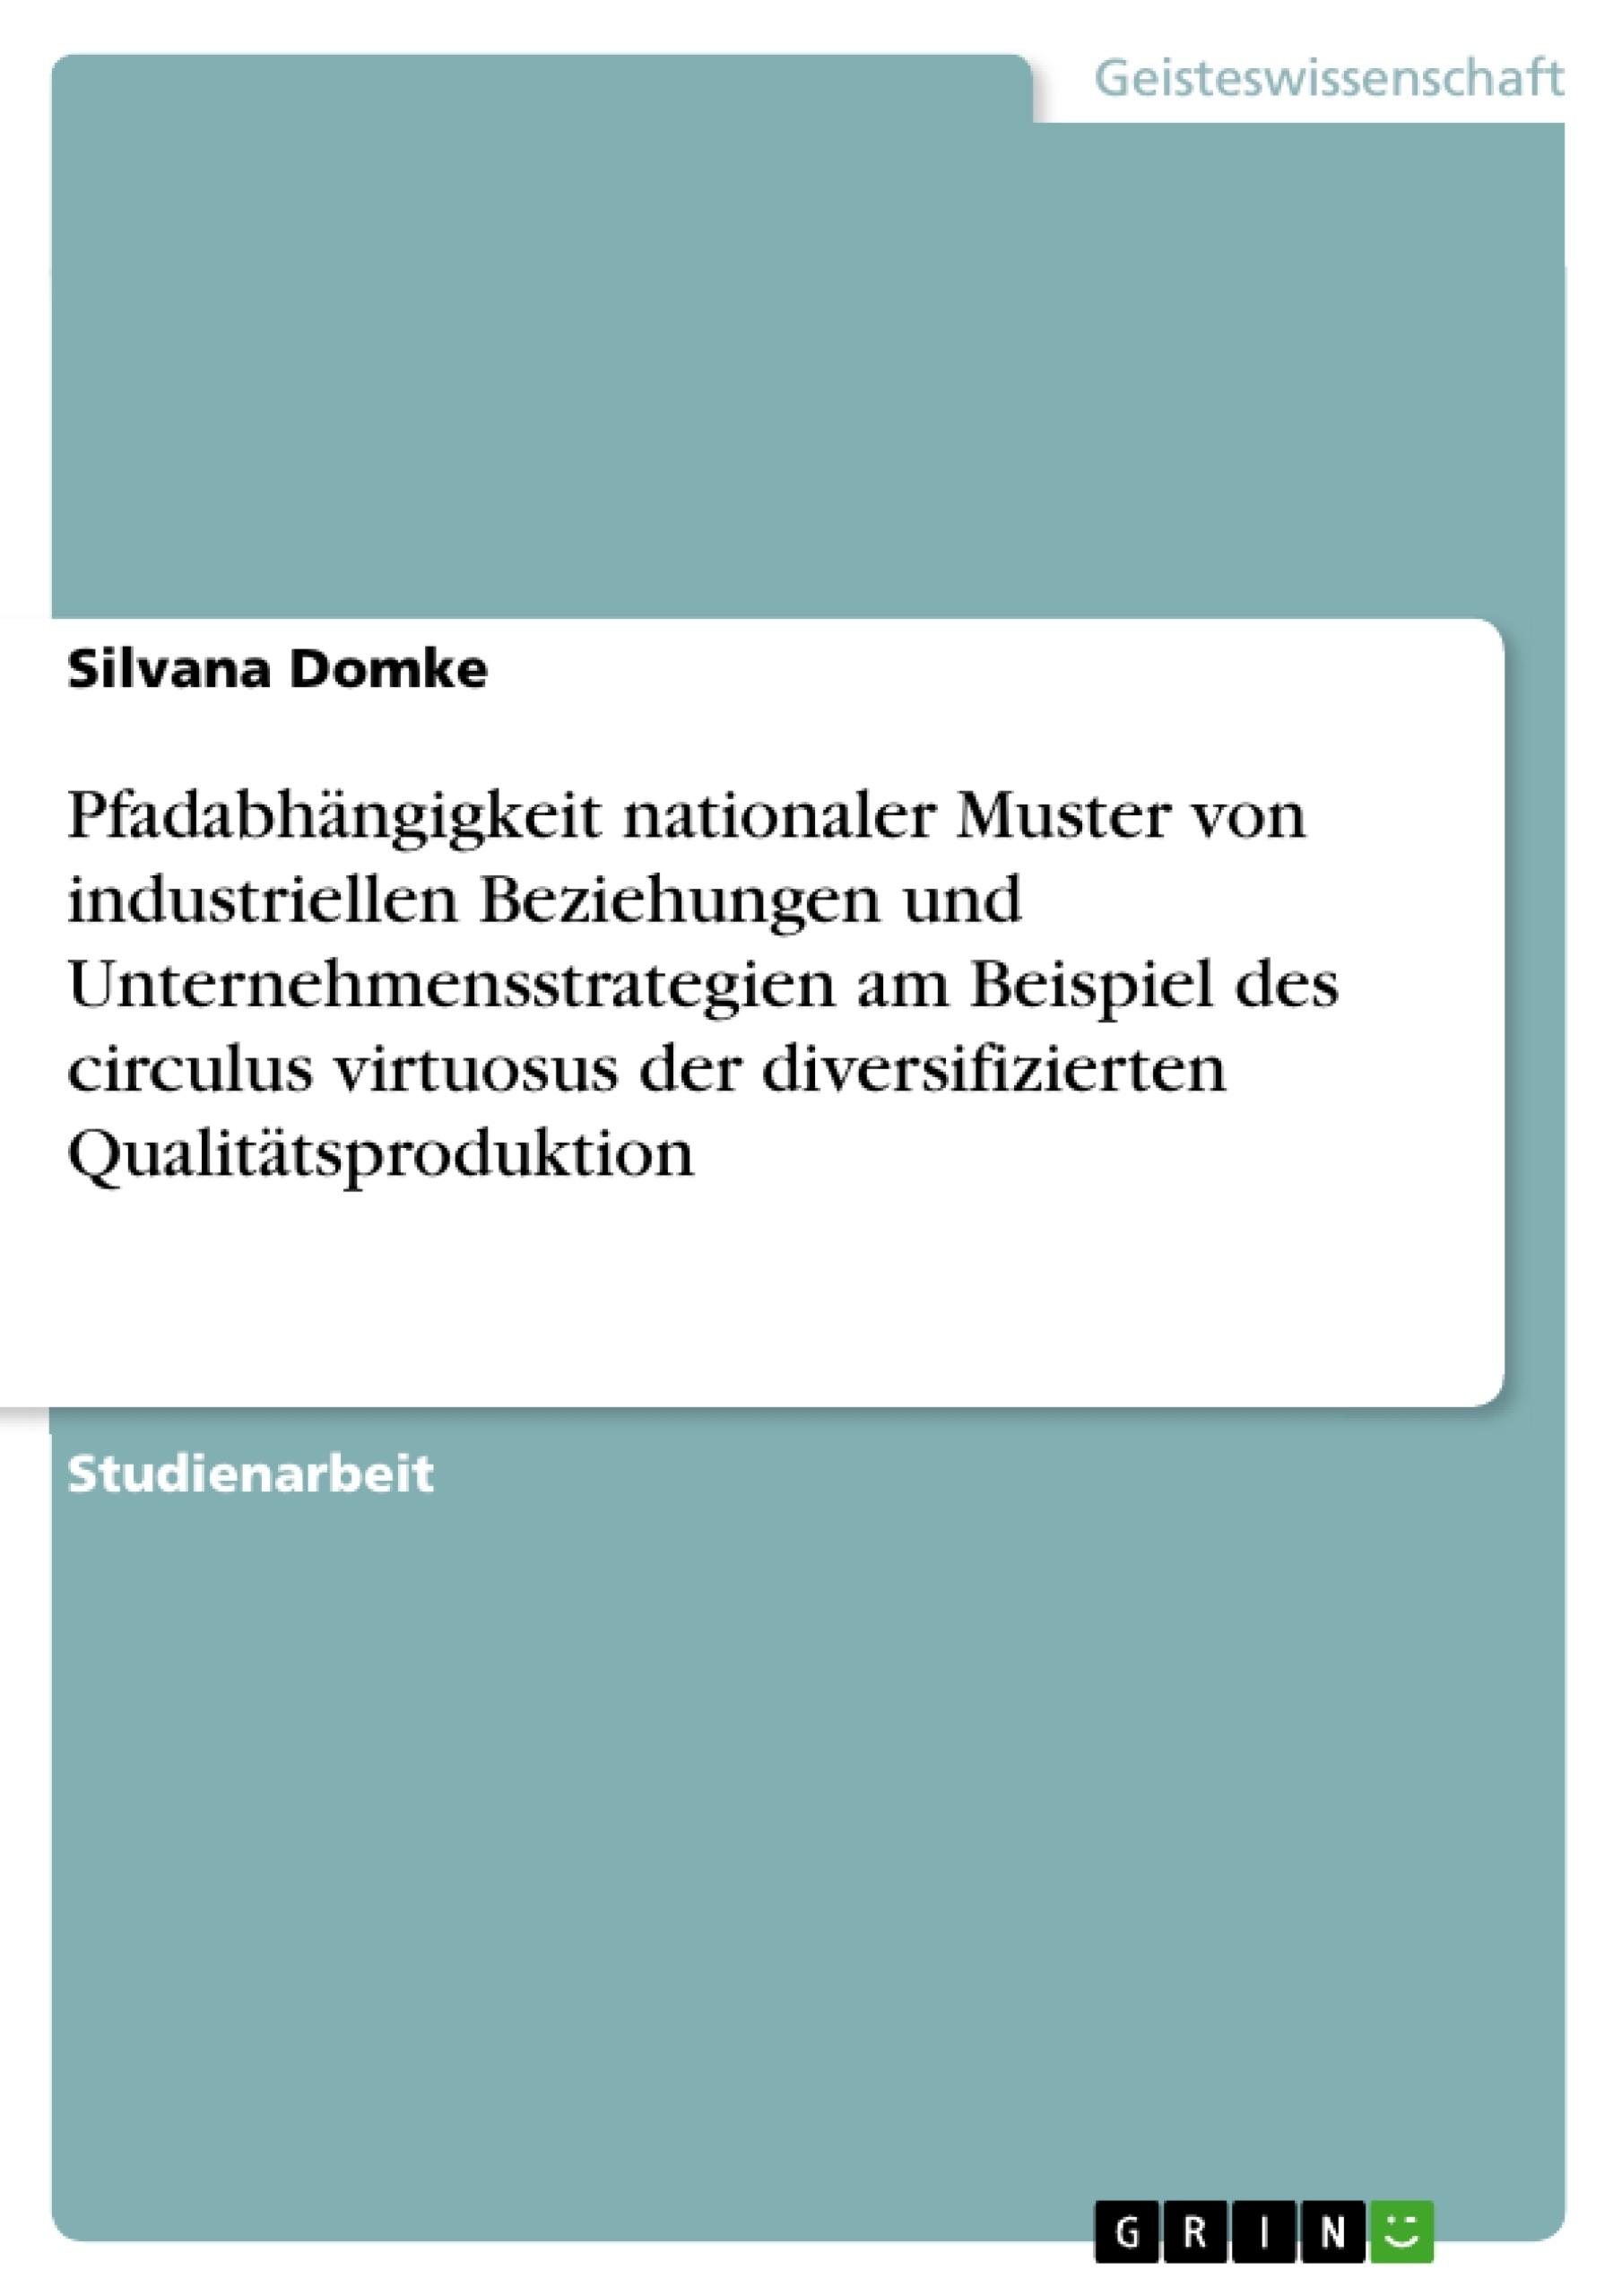 Titel: Pfadabhängigkeit nationaler Muster von industriellen Beziehungen und Unternehmensstrategien am Beispiel des circulus virtuosus der diversifizierten Qualitätsproduktion